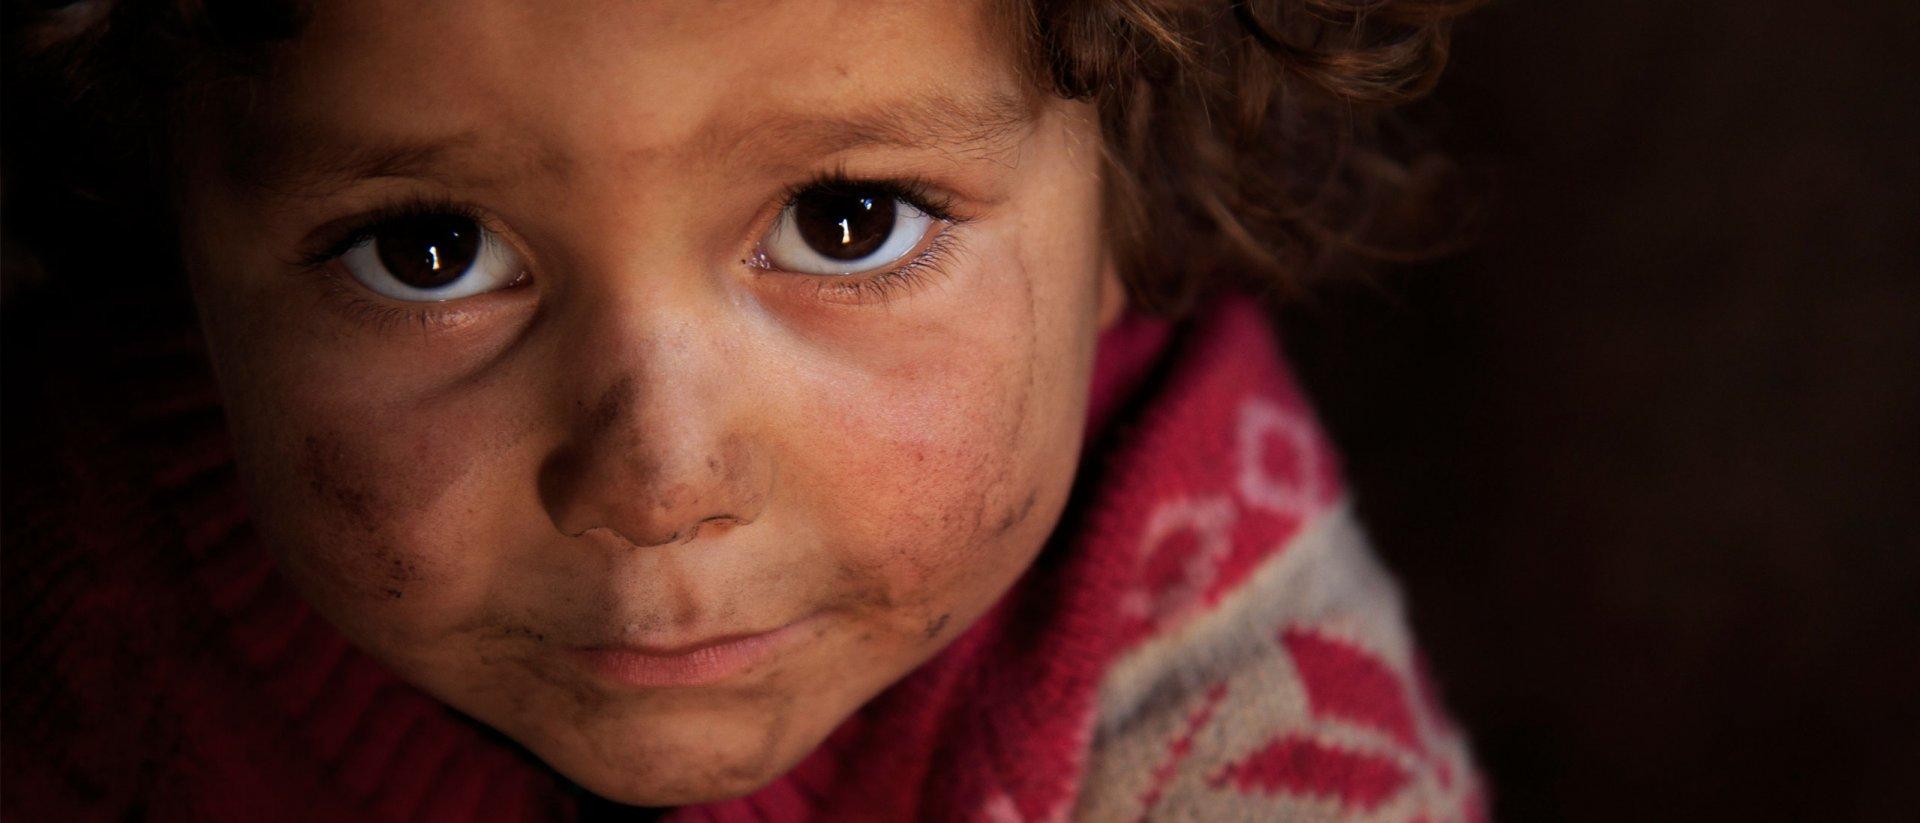 Fátima tiene 3 años y es una víctima de la Guerra